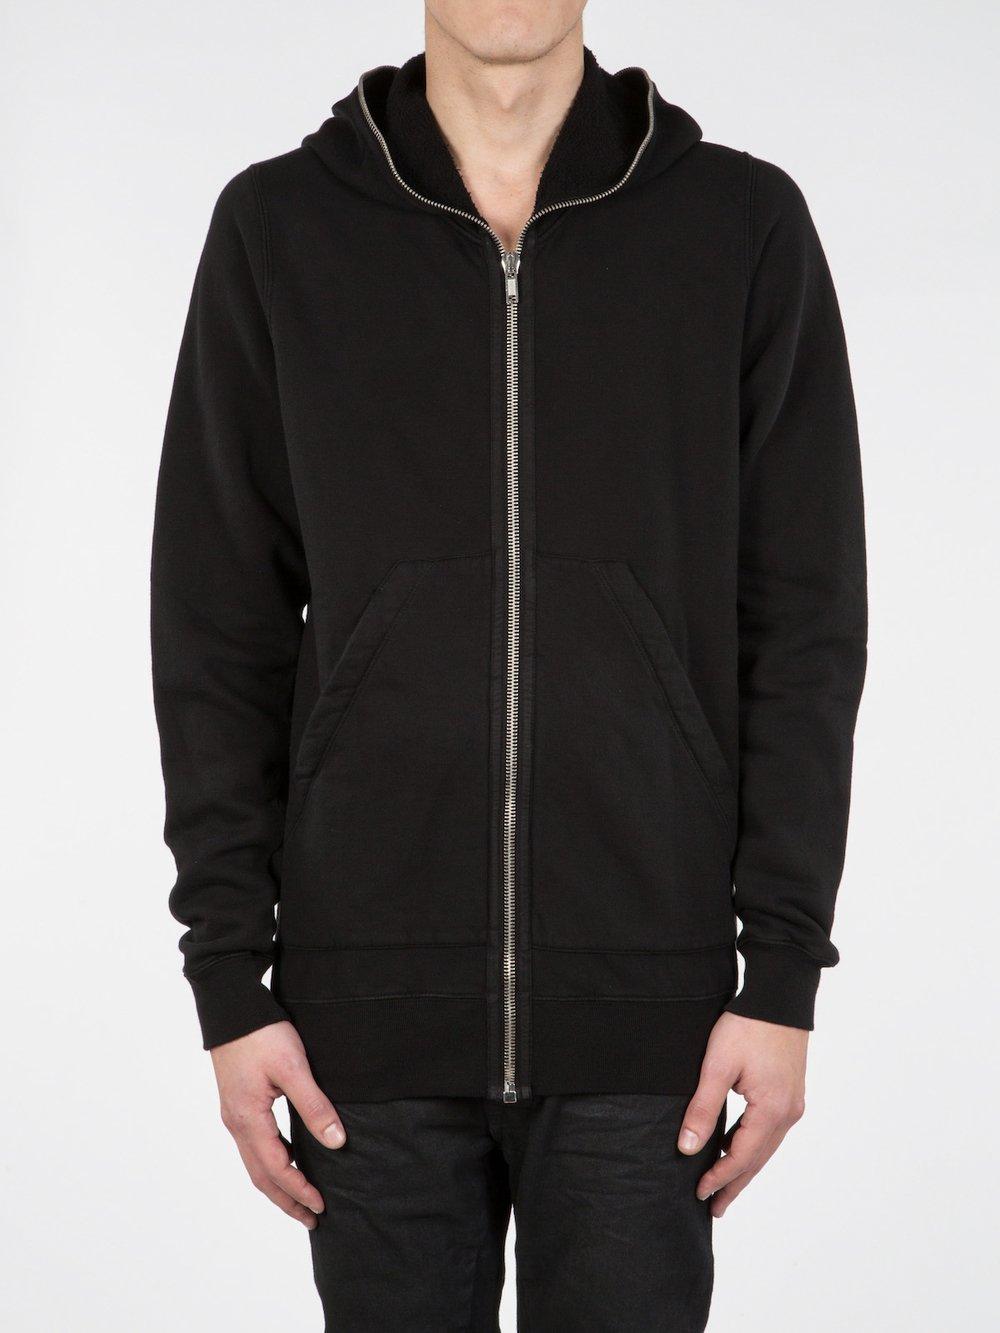 Rick owens hoodie